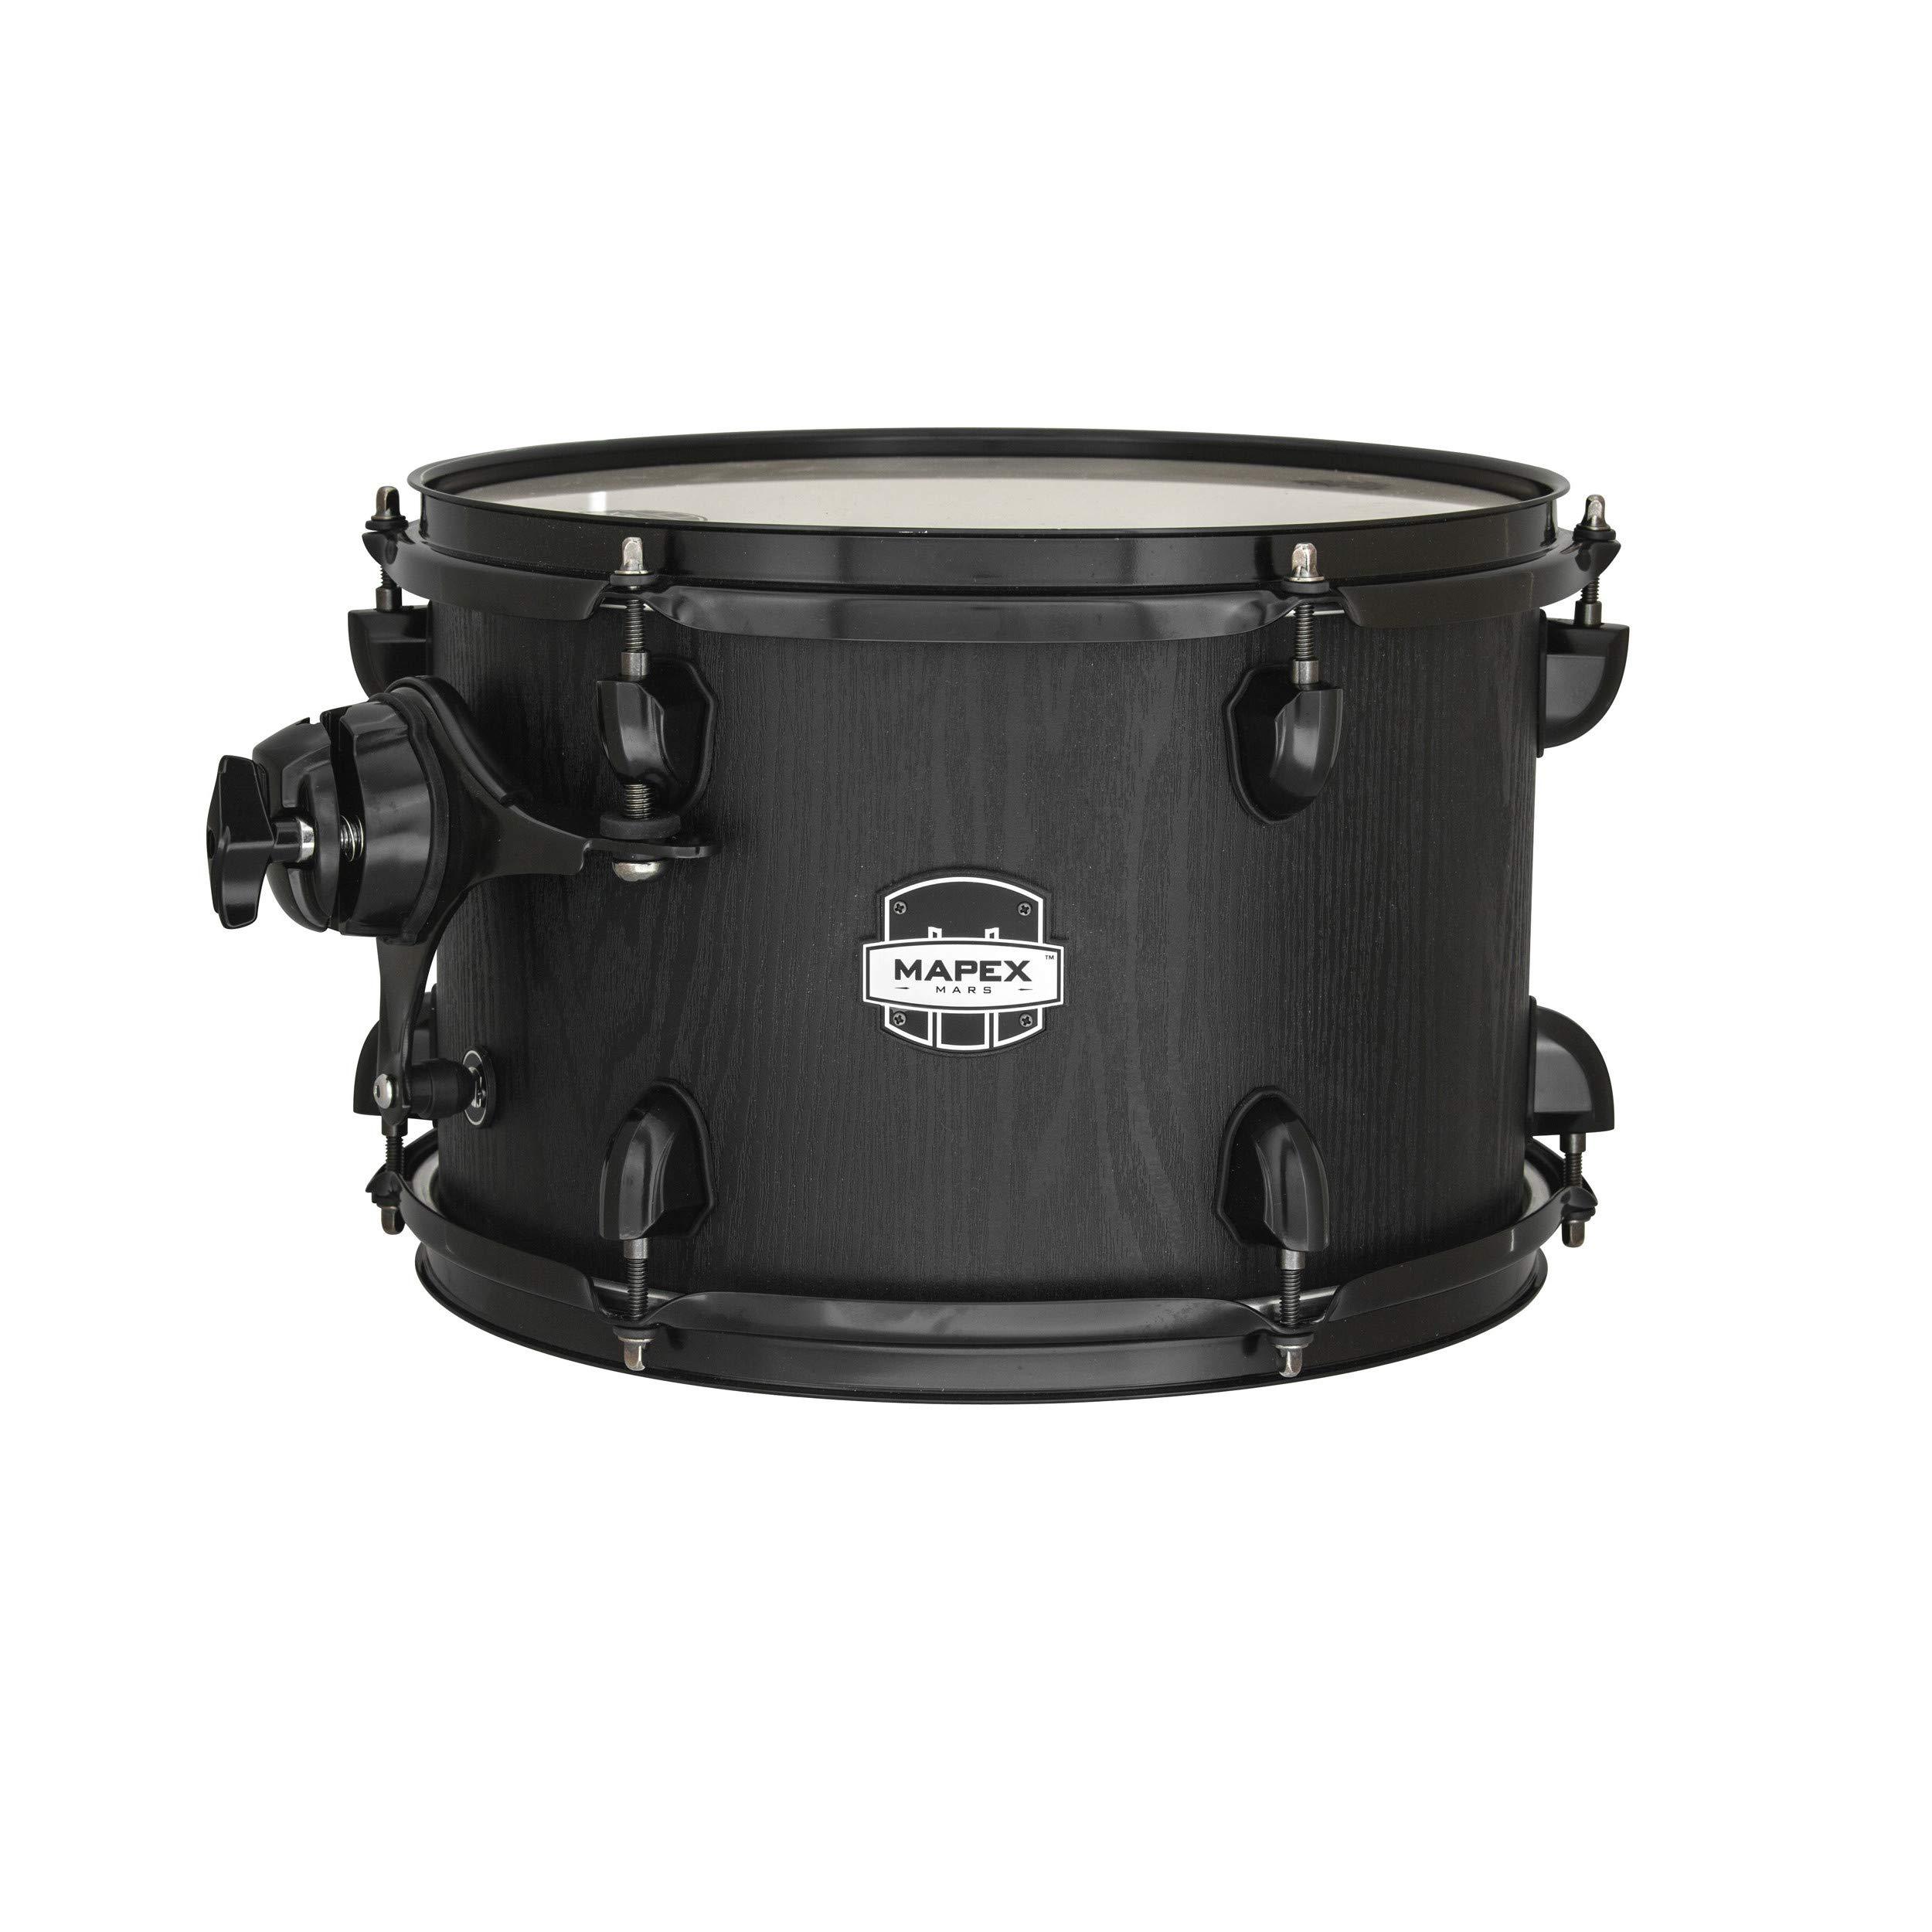 MAPEX Drum Set Floor Tom (MAF1412BZW) by Mapex